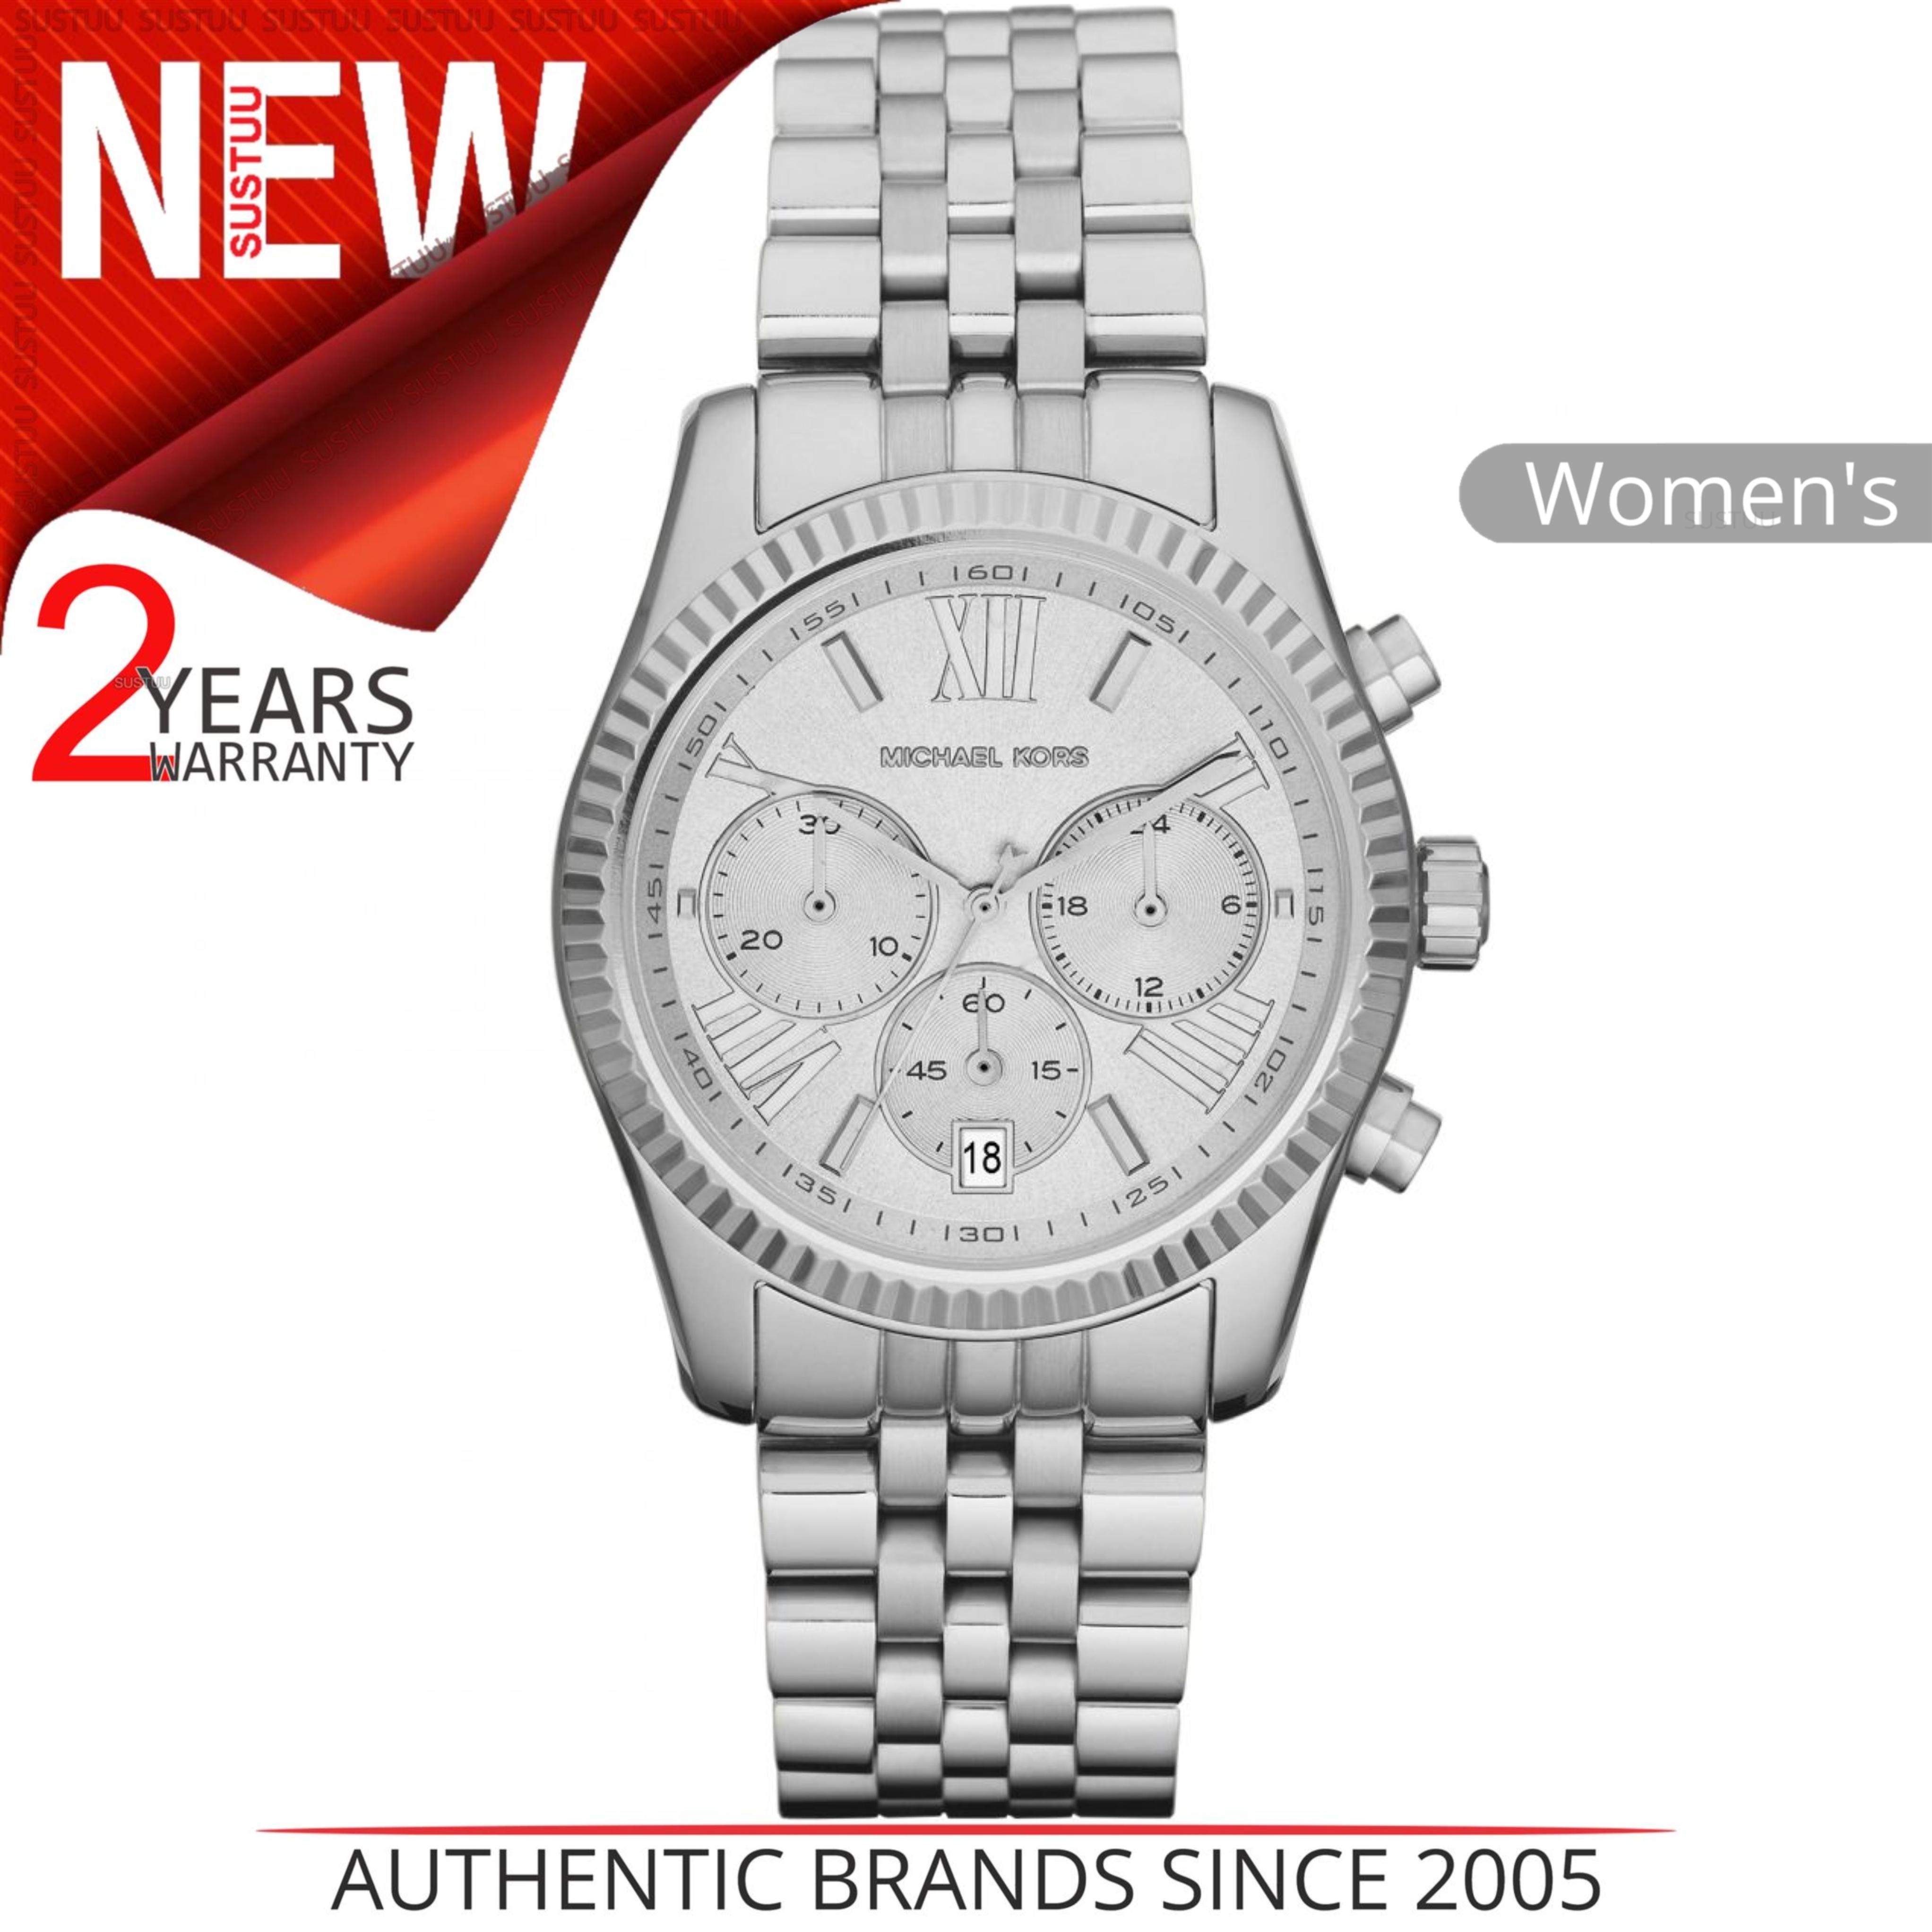 e4a7e07dcd SENTINEL Orologio da donna Michael Kors Lexington MK5555│ Quadrante  cronografo argentato - Fascia bracciale